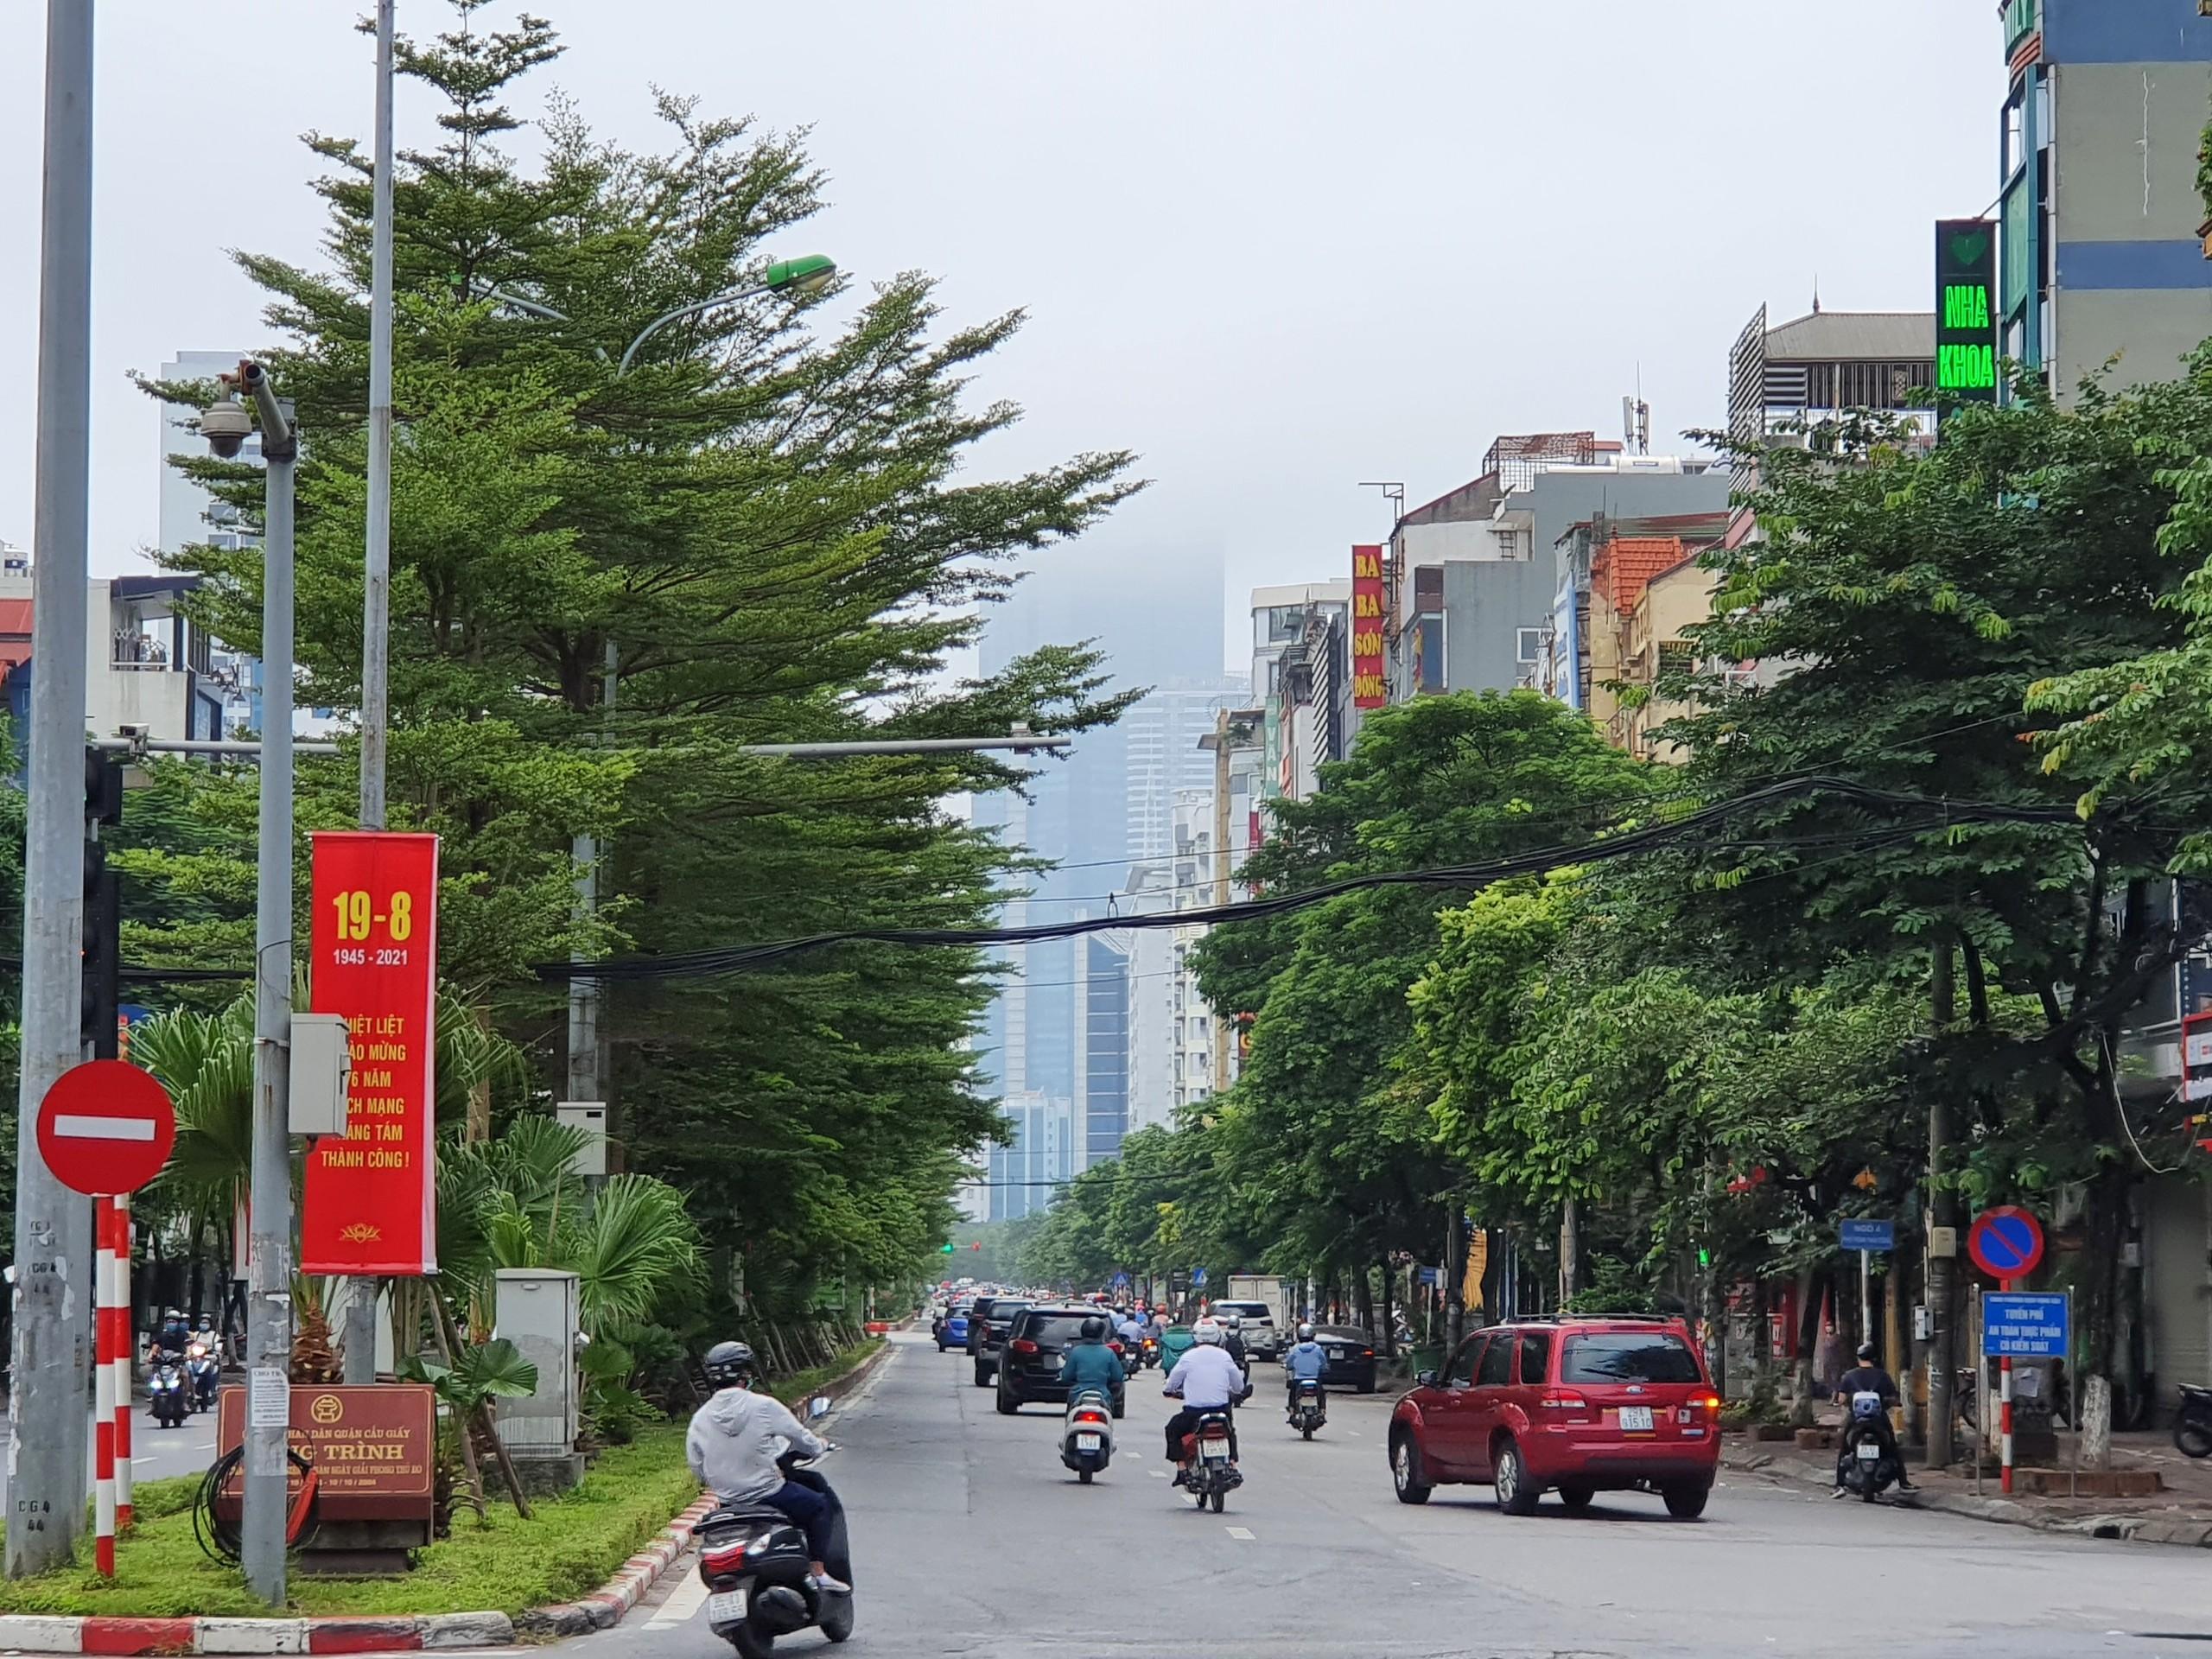 Đường phố Hà Nội đông vui sau khi chính quyền nới quy định về đi lại - Ảnh 2